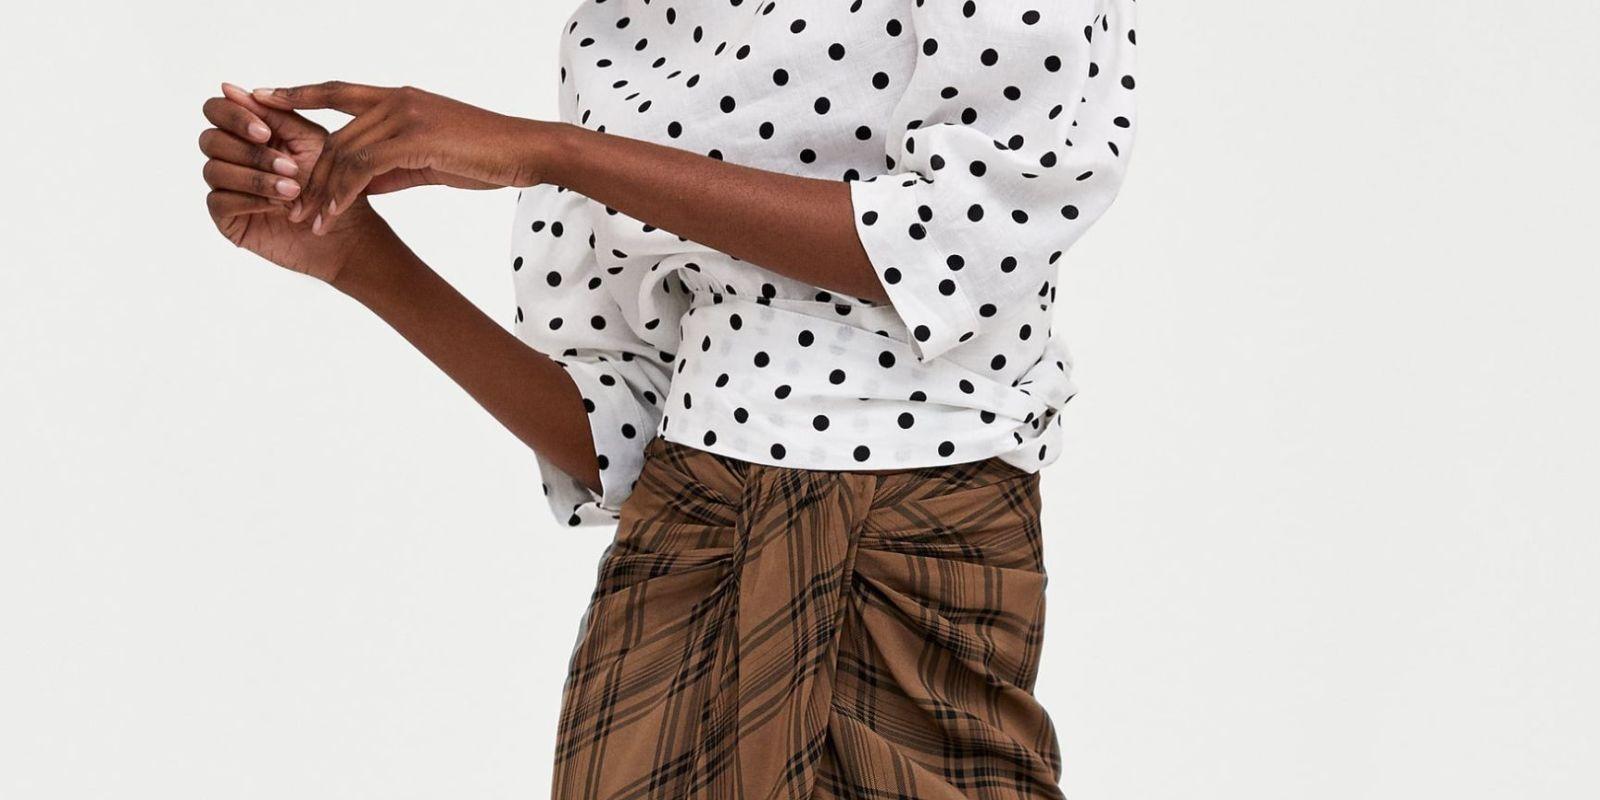 Tailleur Collezione Da Zara Pantalone 2018 7hwpqdp Subito Comprare Il OkXuiTPZ